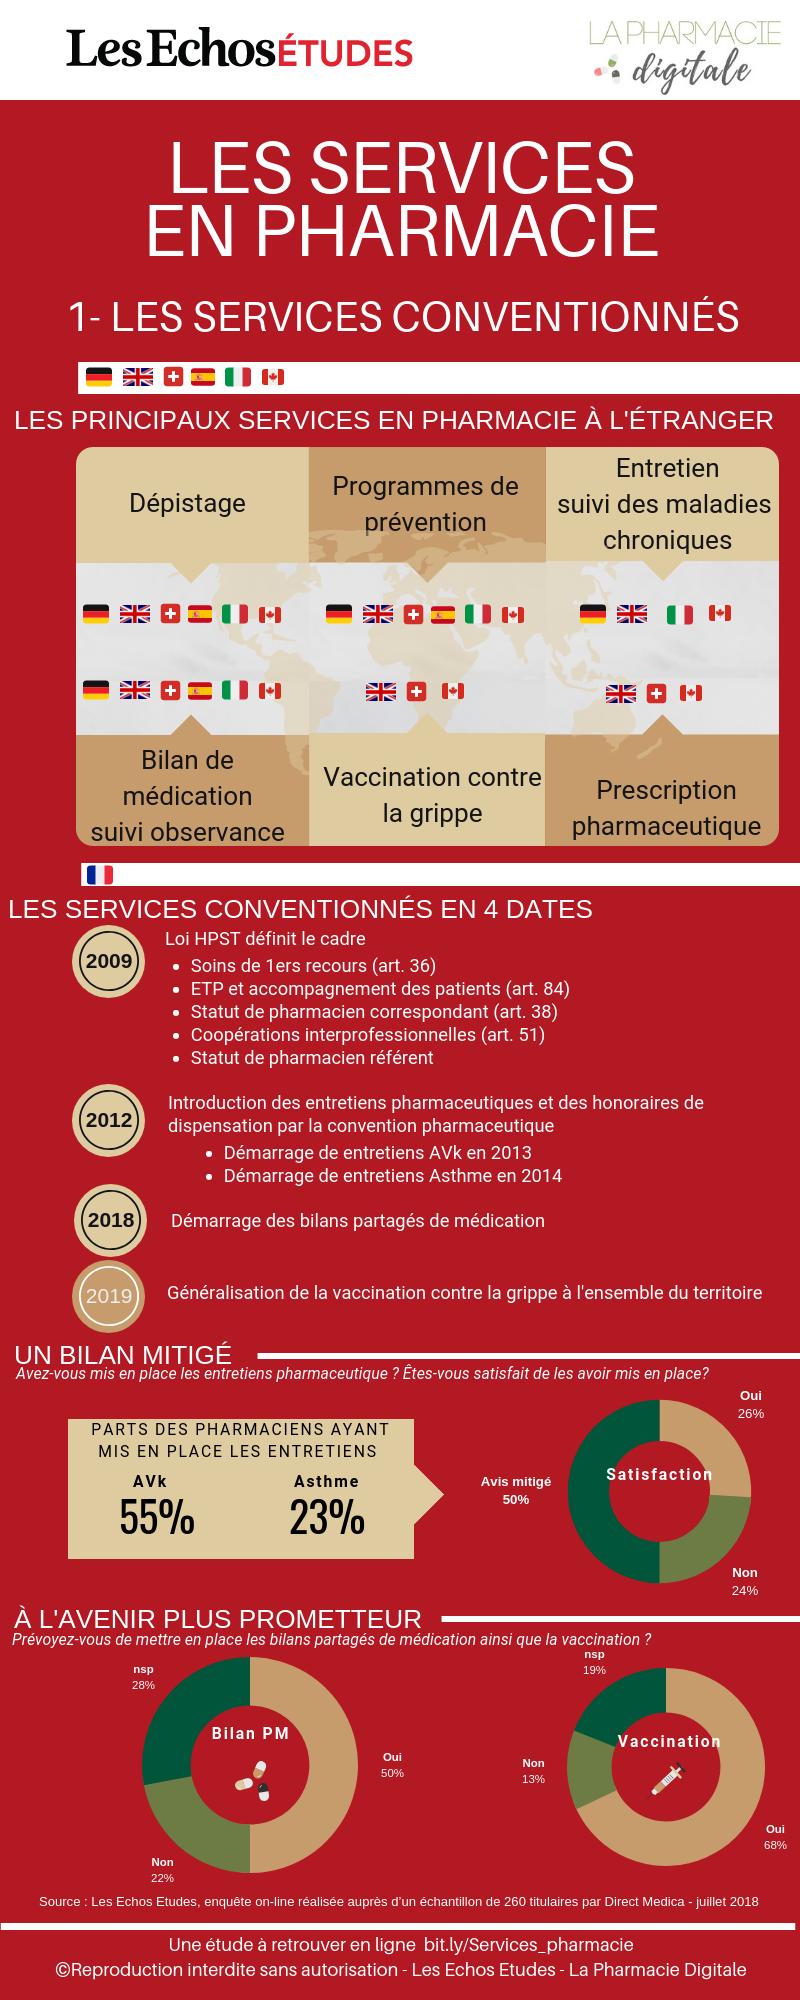 Infographie 1 : les services conventionnées en pharmacie